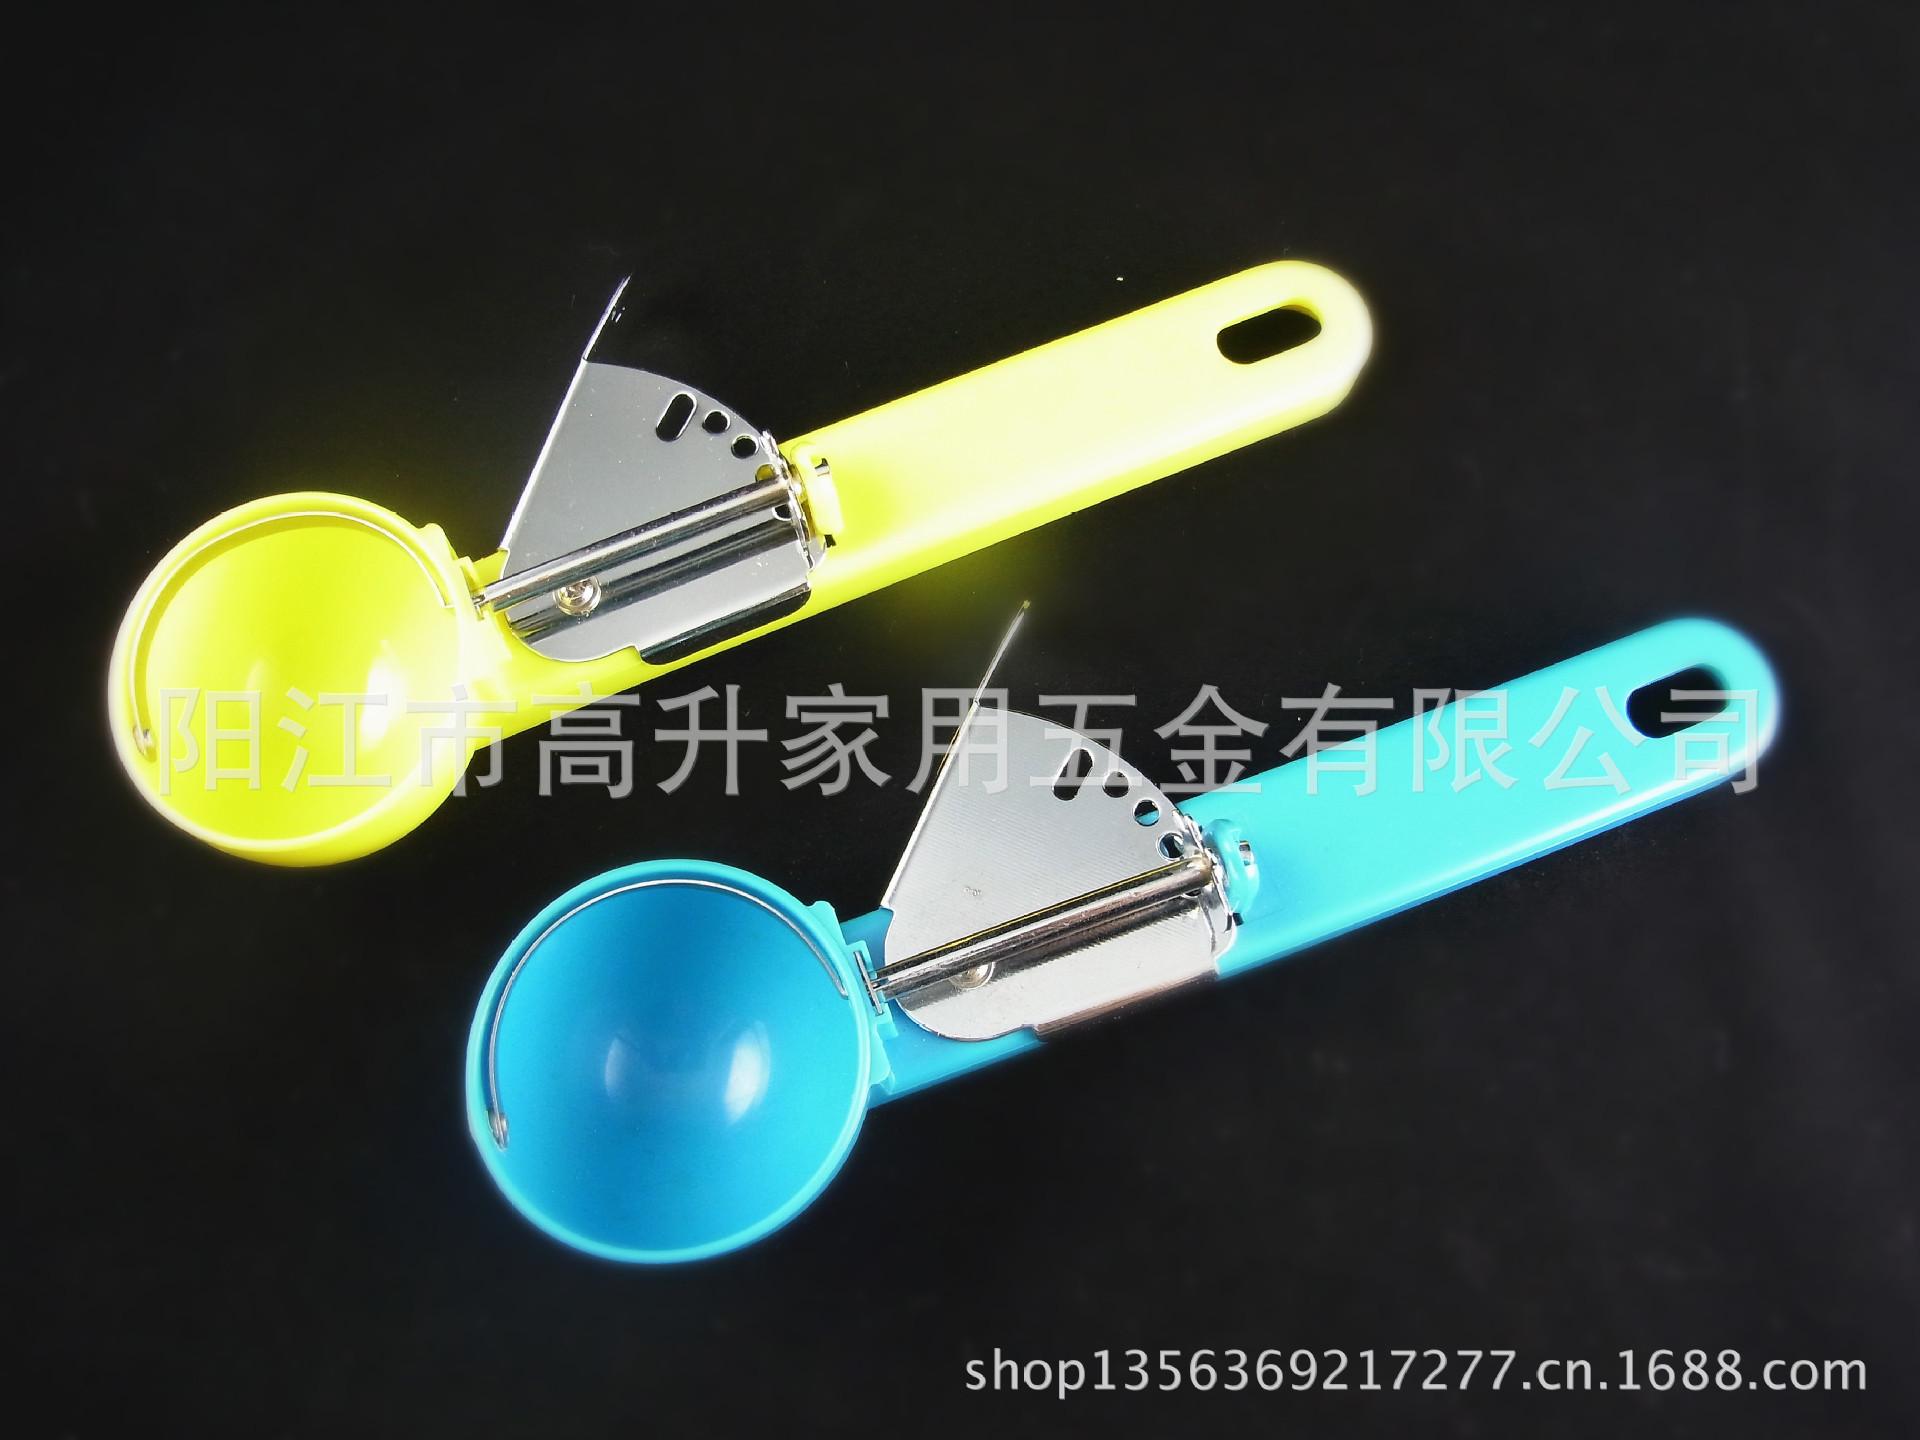 齿轮制动雪糕勺 塑料雪糕勺塑料冰淇淋勺